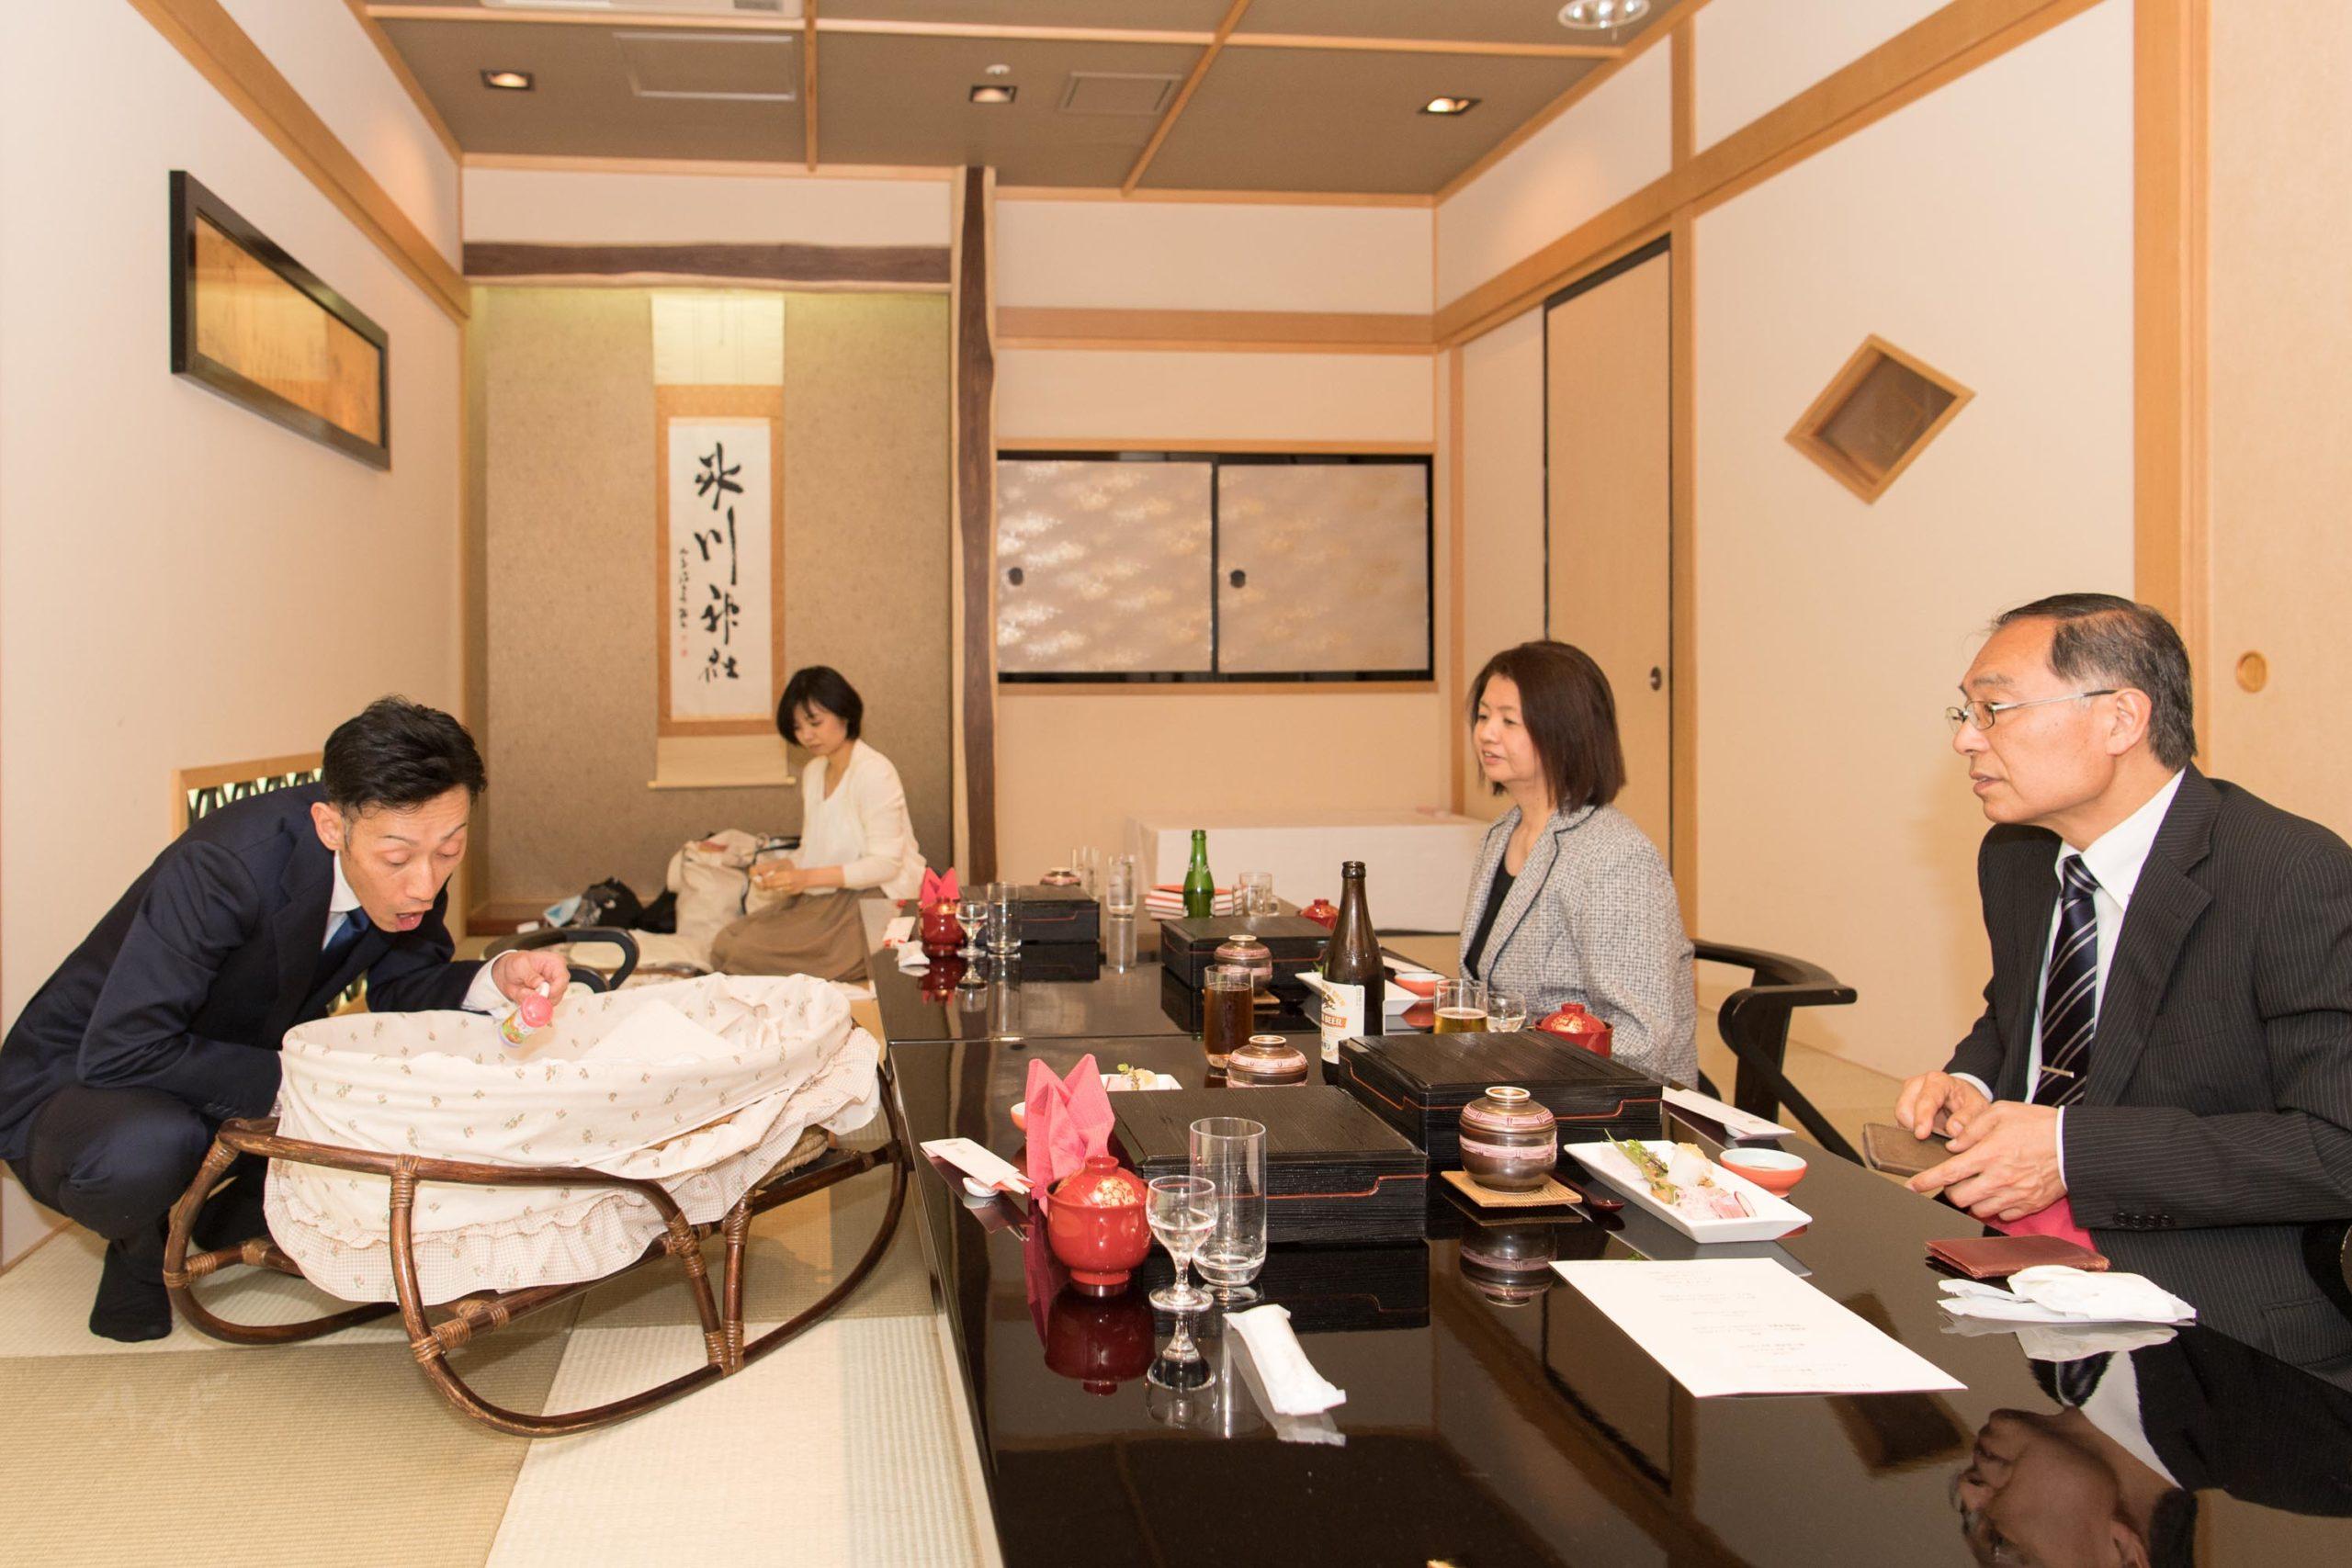 和室で大人4人の食事風景